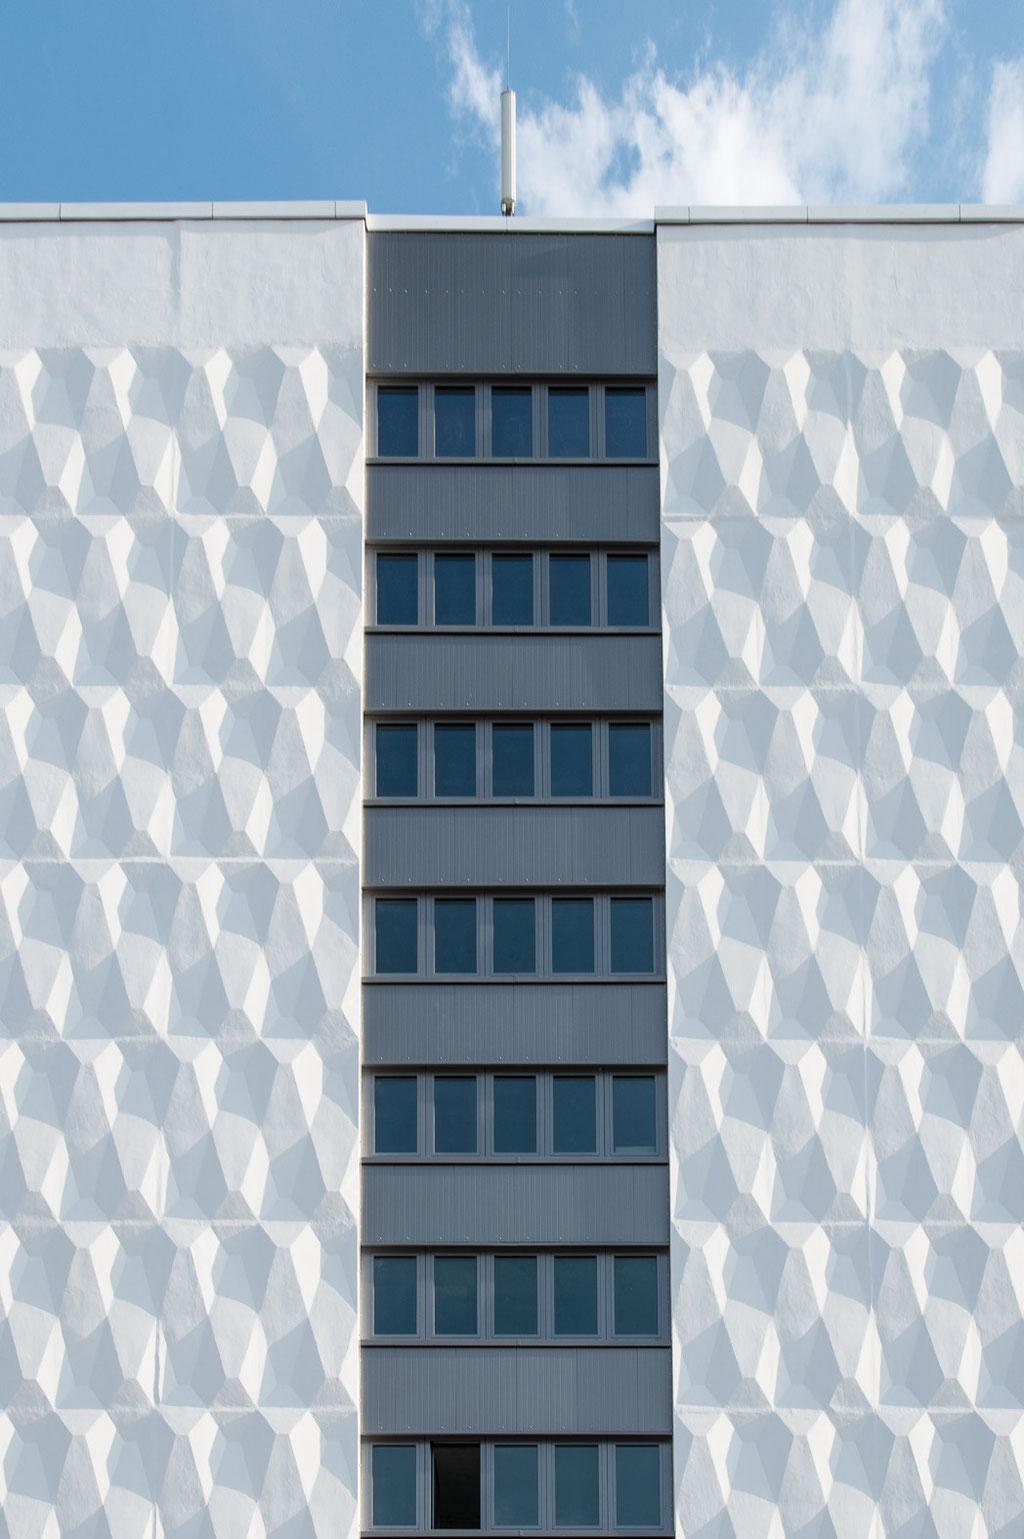 Studentenwohnhaus Jakobsplan 1 (Anita Bach), Weimar (D)